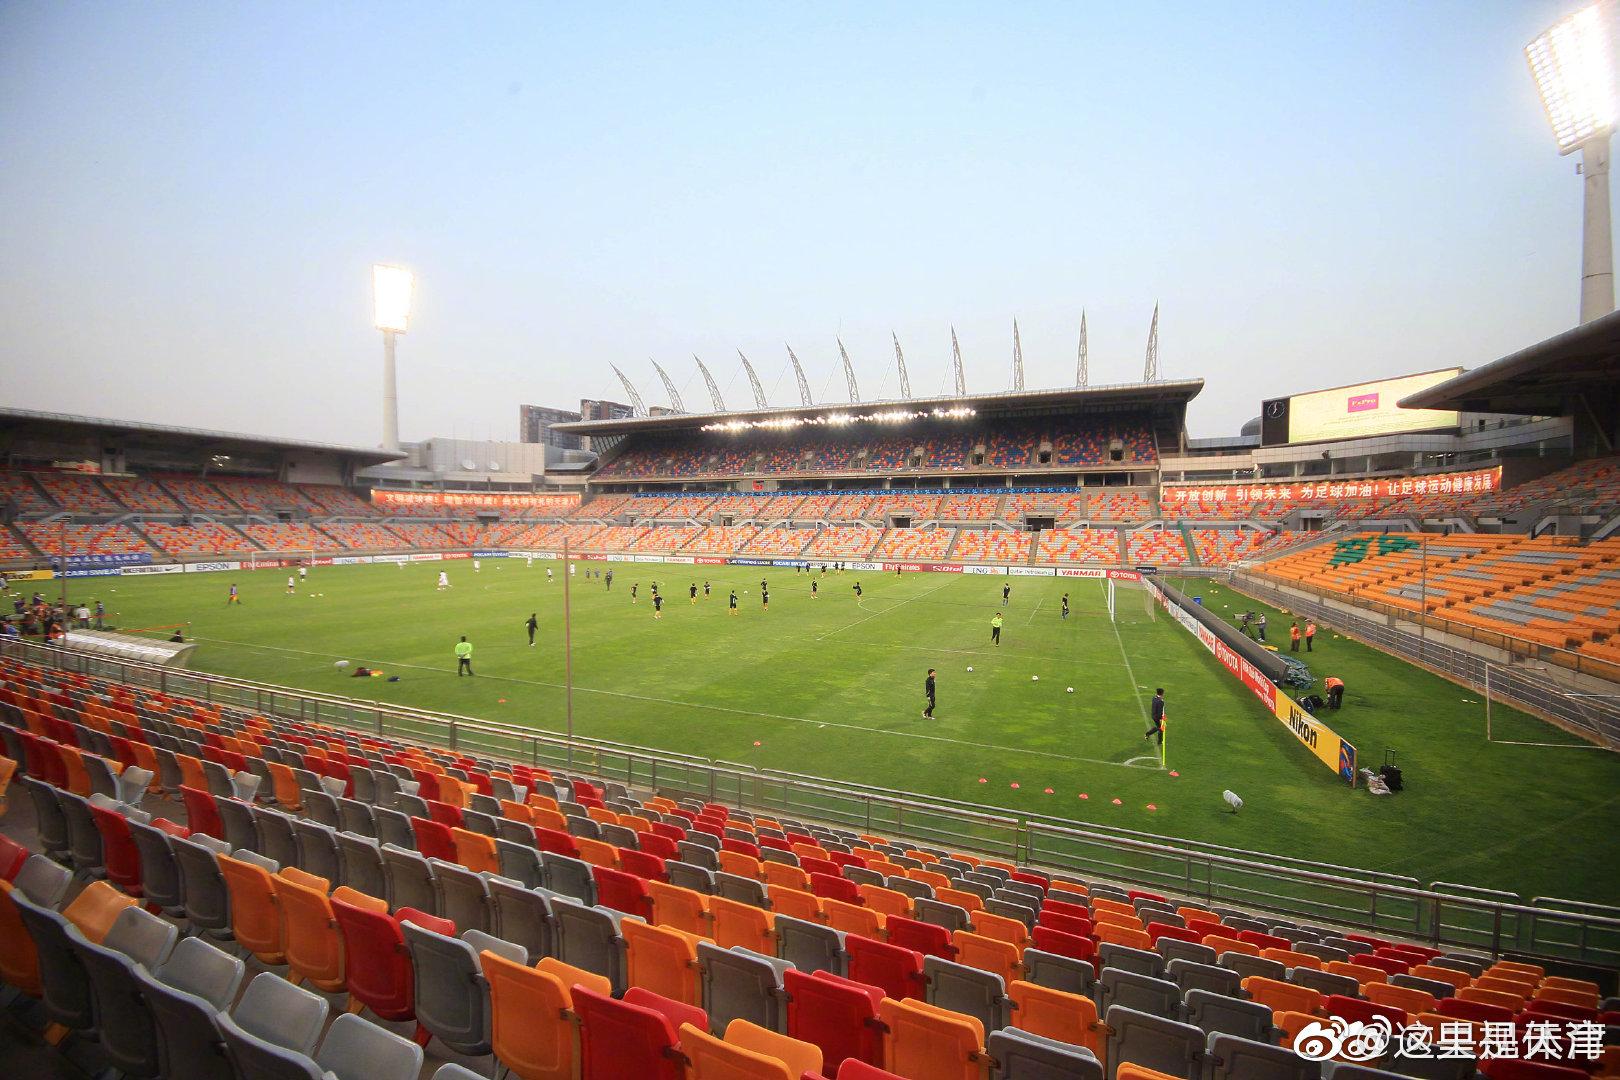 天津体育局:计划修缮泰达足球场 准备申办亚洲杯